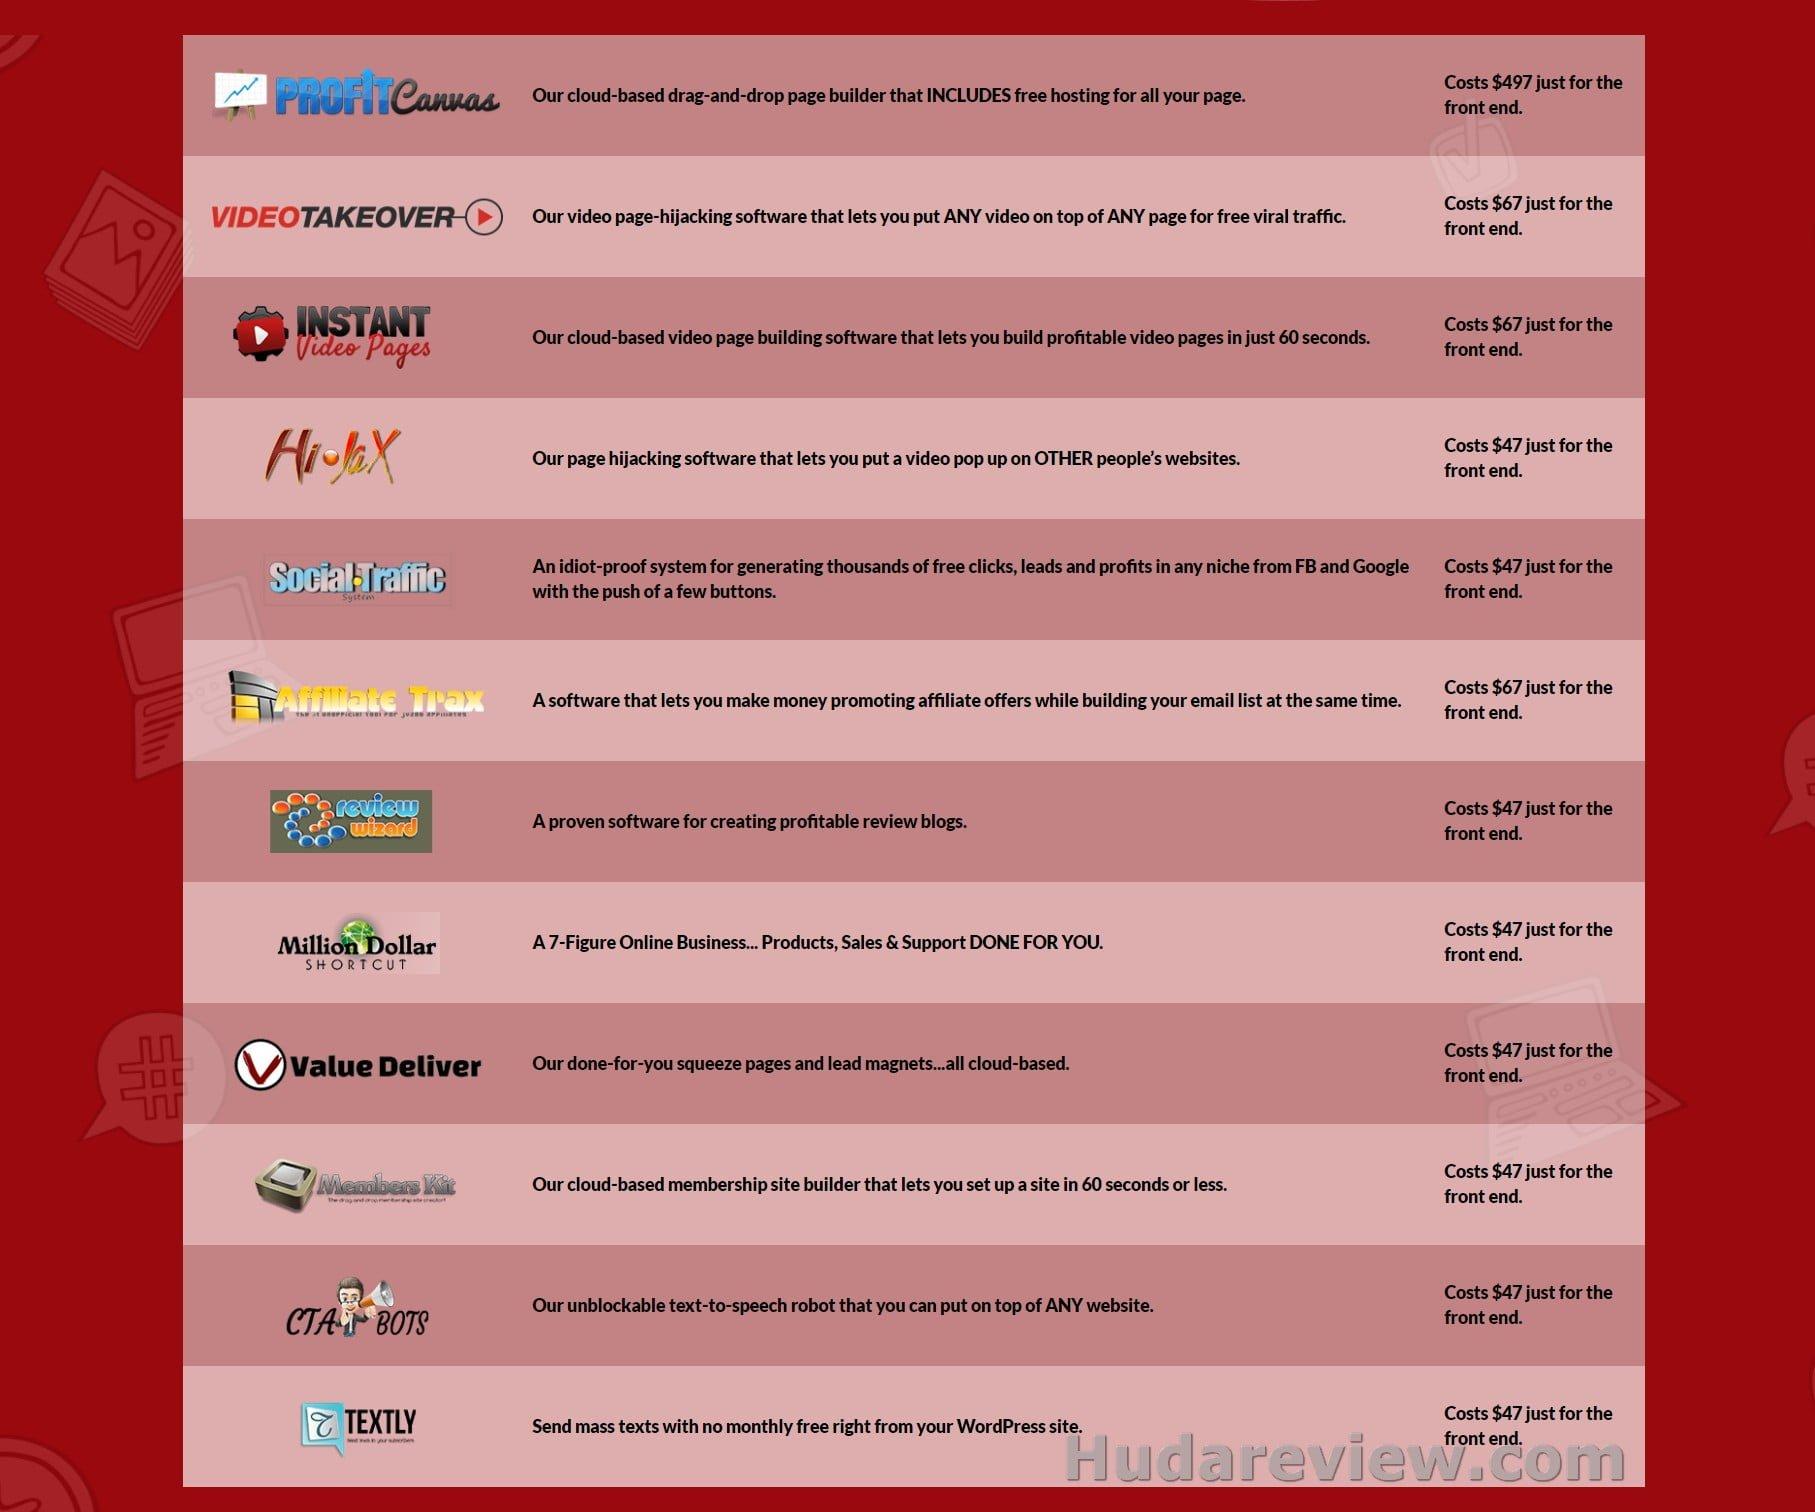 WebbyMate-Bonuses-2